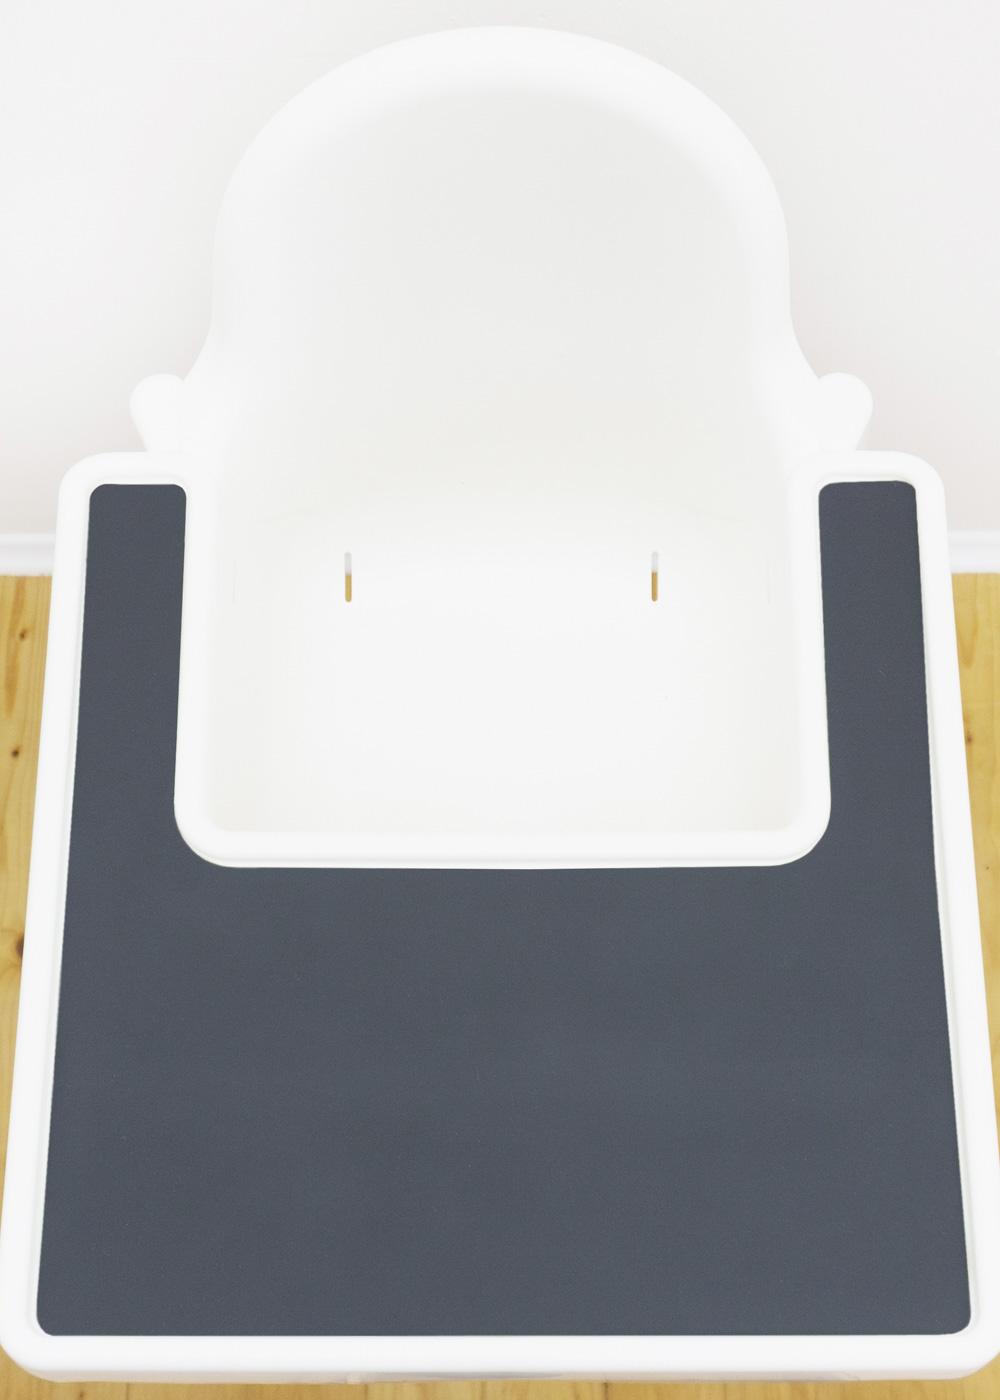 Silikonmatte Ikea Antilop Hochstuhl Klecka Mat schiefer Gesamtansicht Tablett